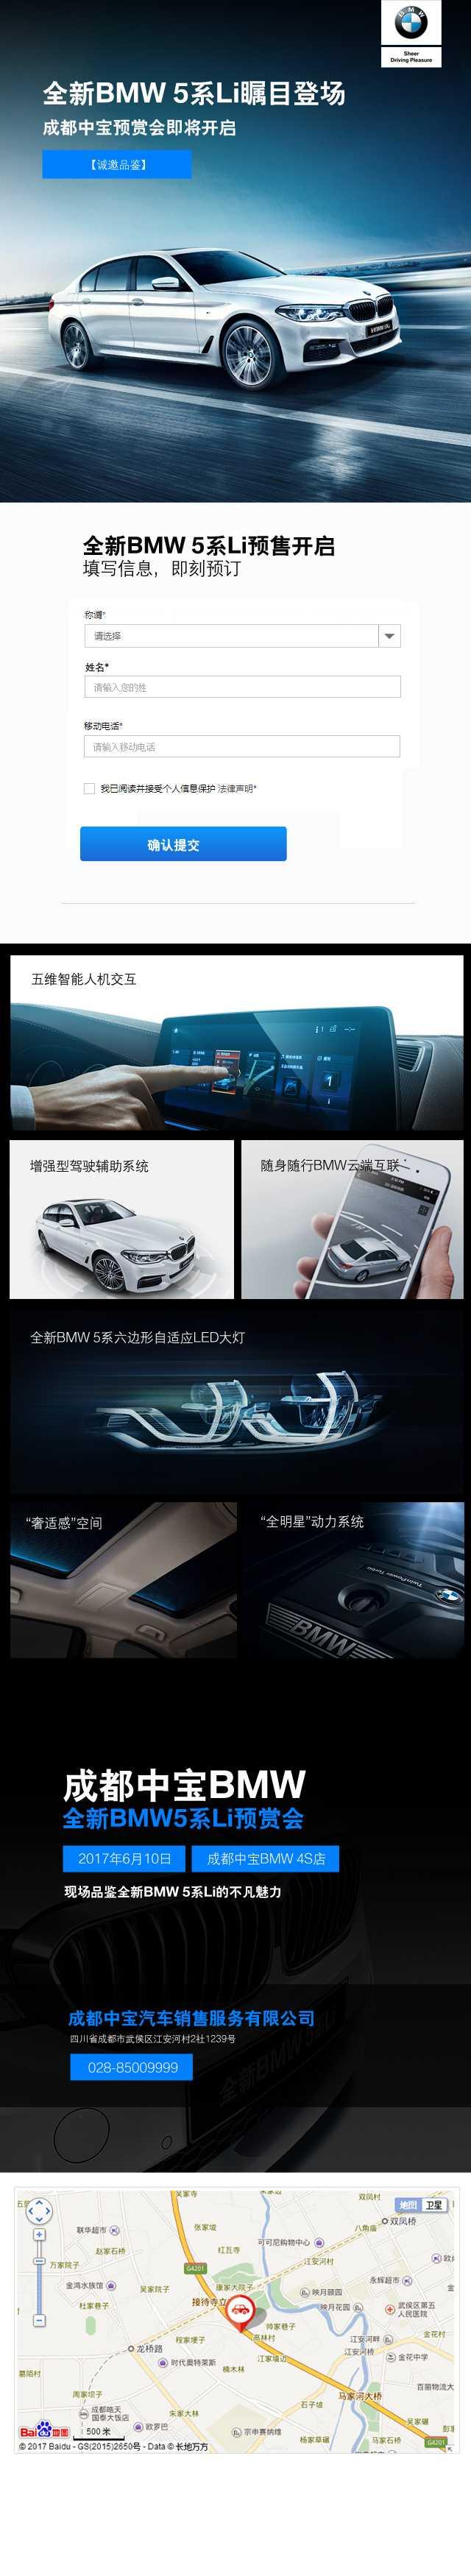 宝马5系汽车专题手机页面psd模板